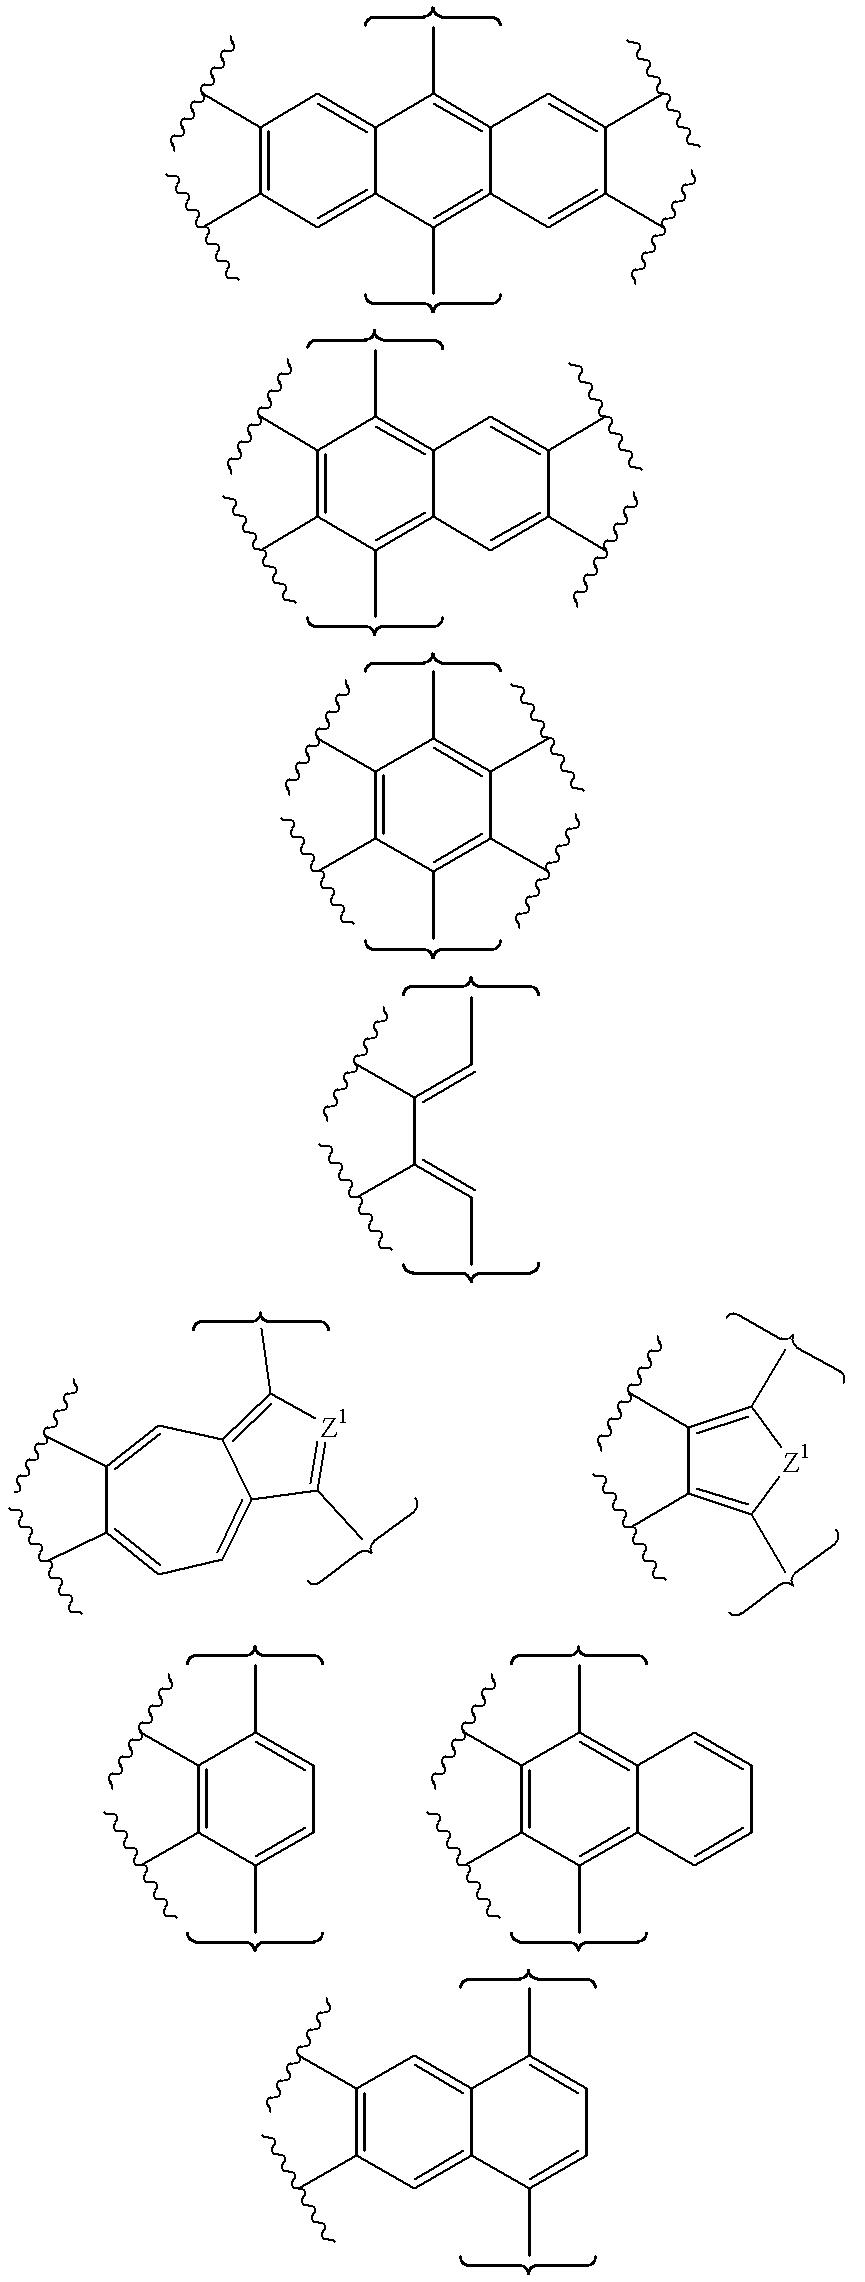 Figure US20020040805A1-20020411-C00008